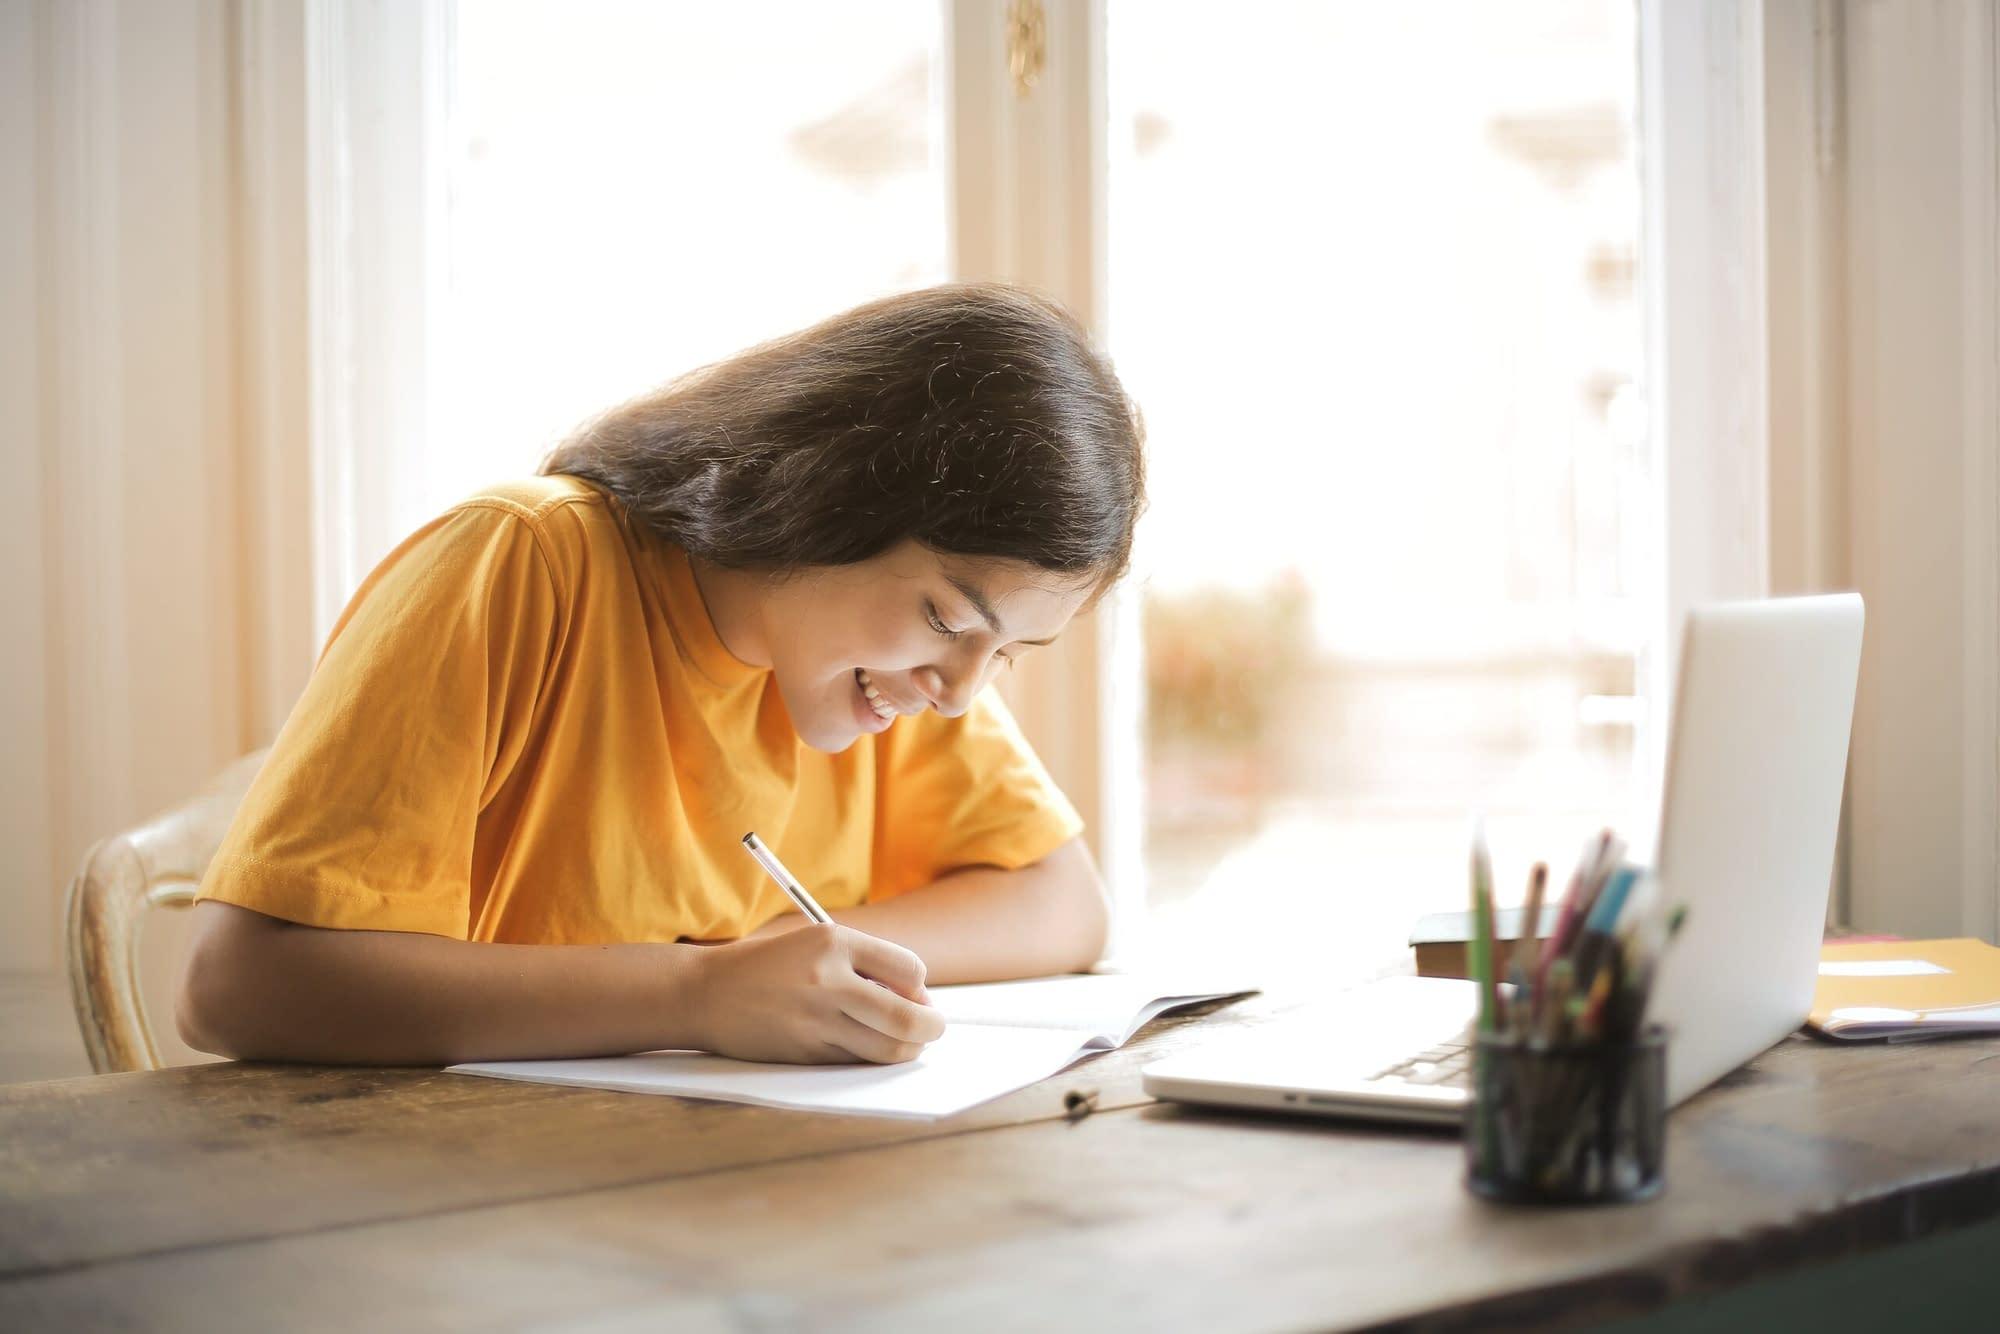 חשיבות חווית ההצלחה בלימודים